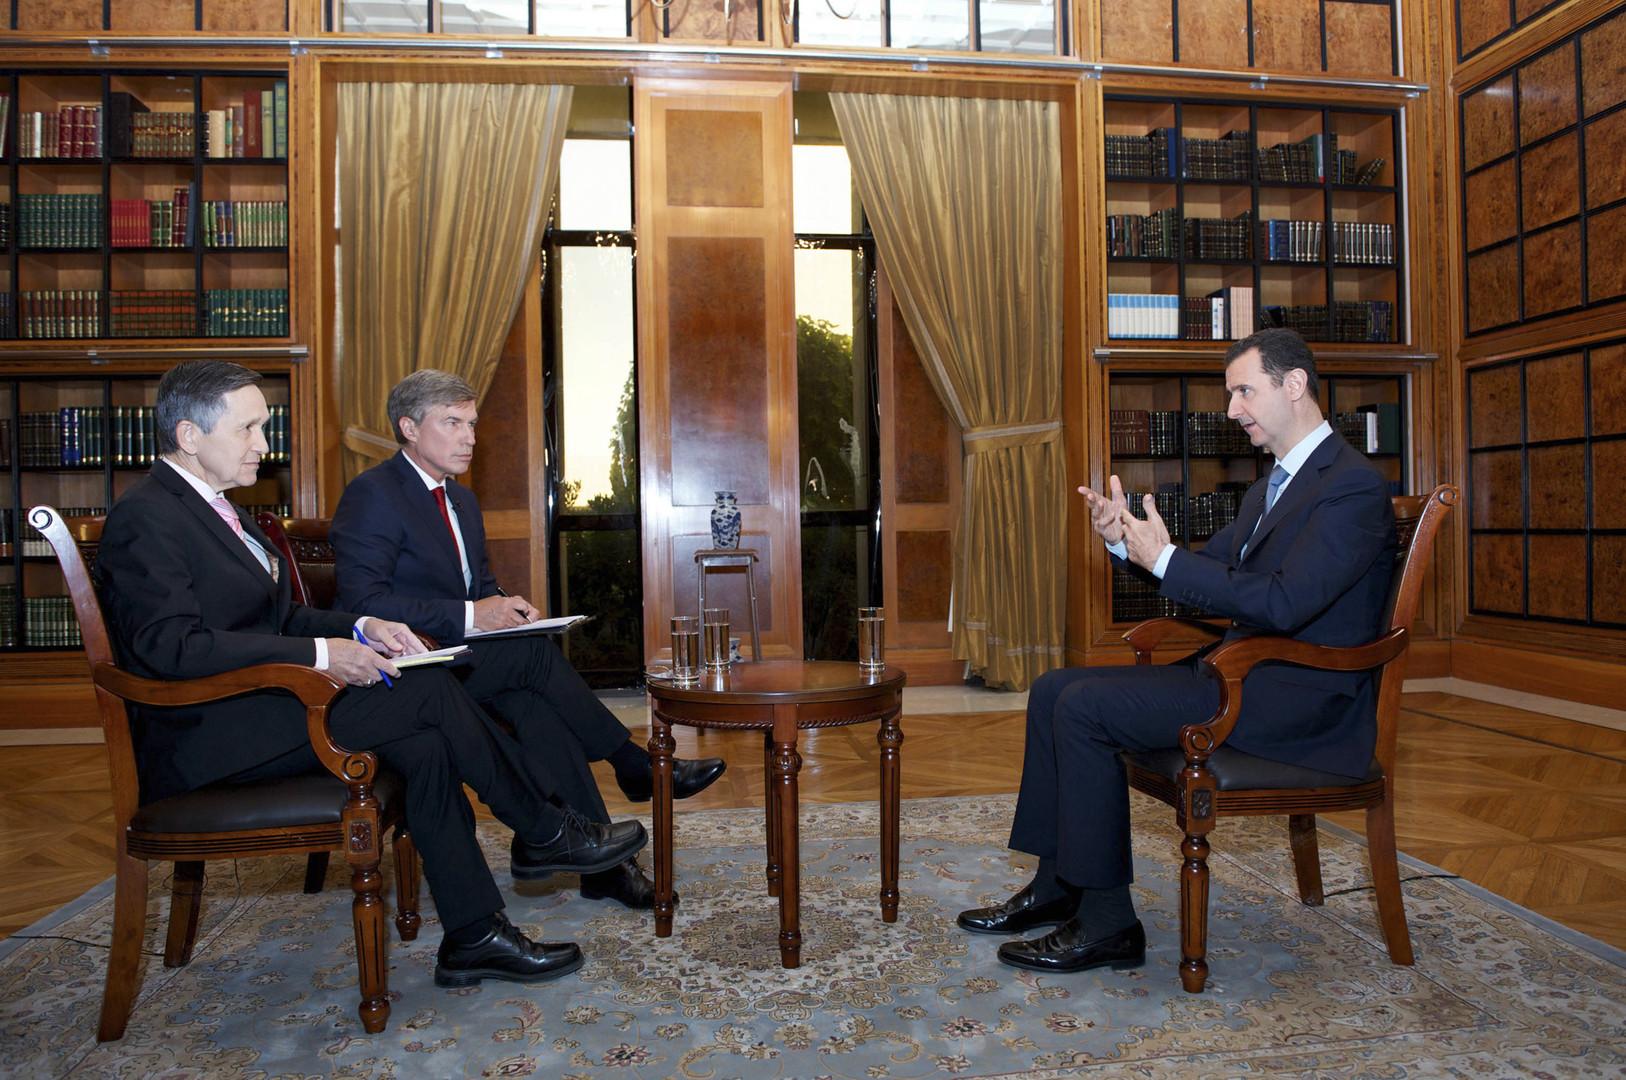 الكشف عن زيارة سرية لوفد أمريكي برئاسة عضوة في الكونغرس إلى دمشق